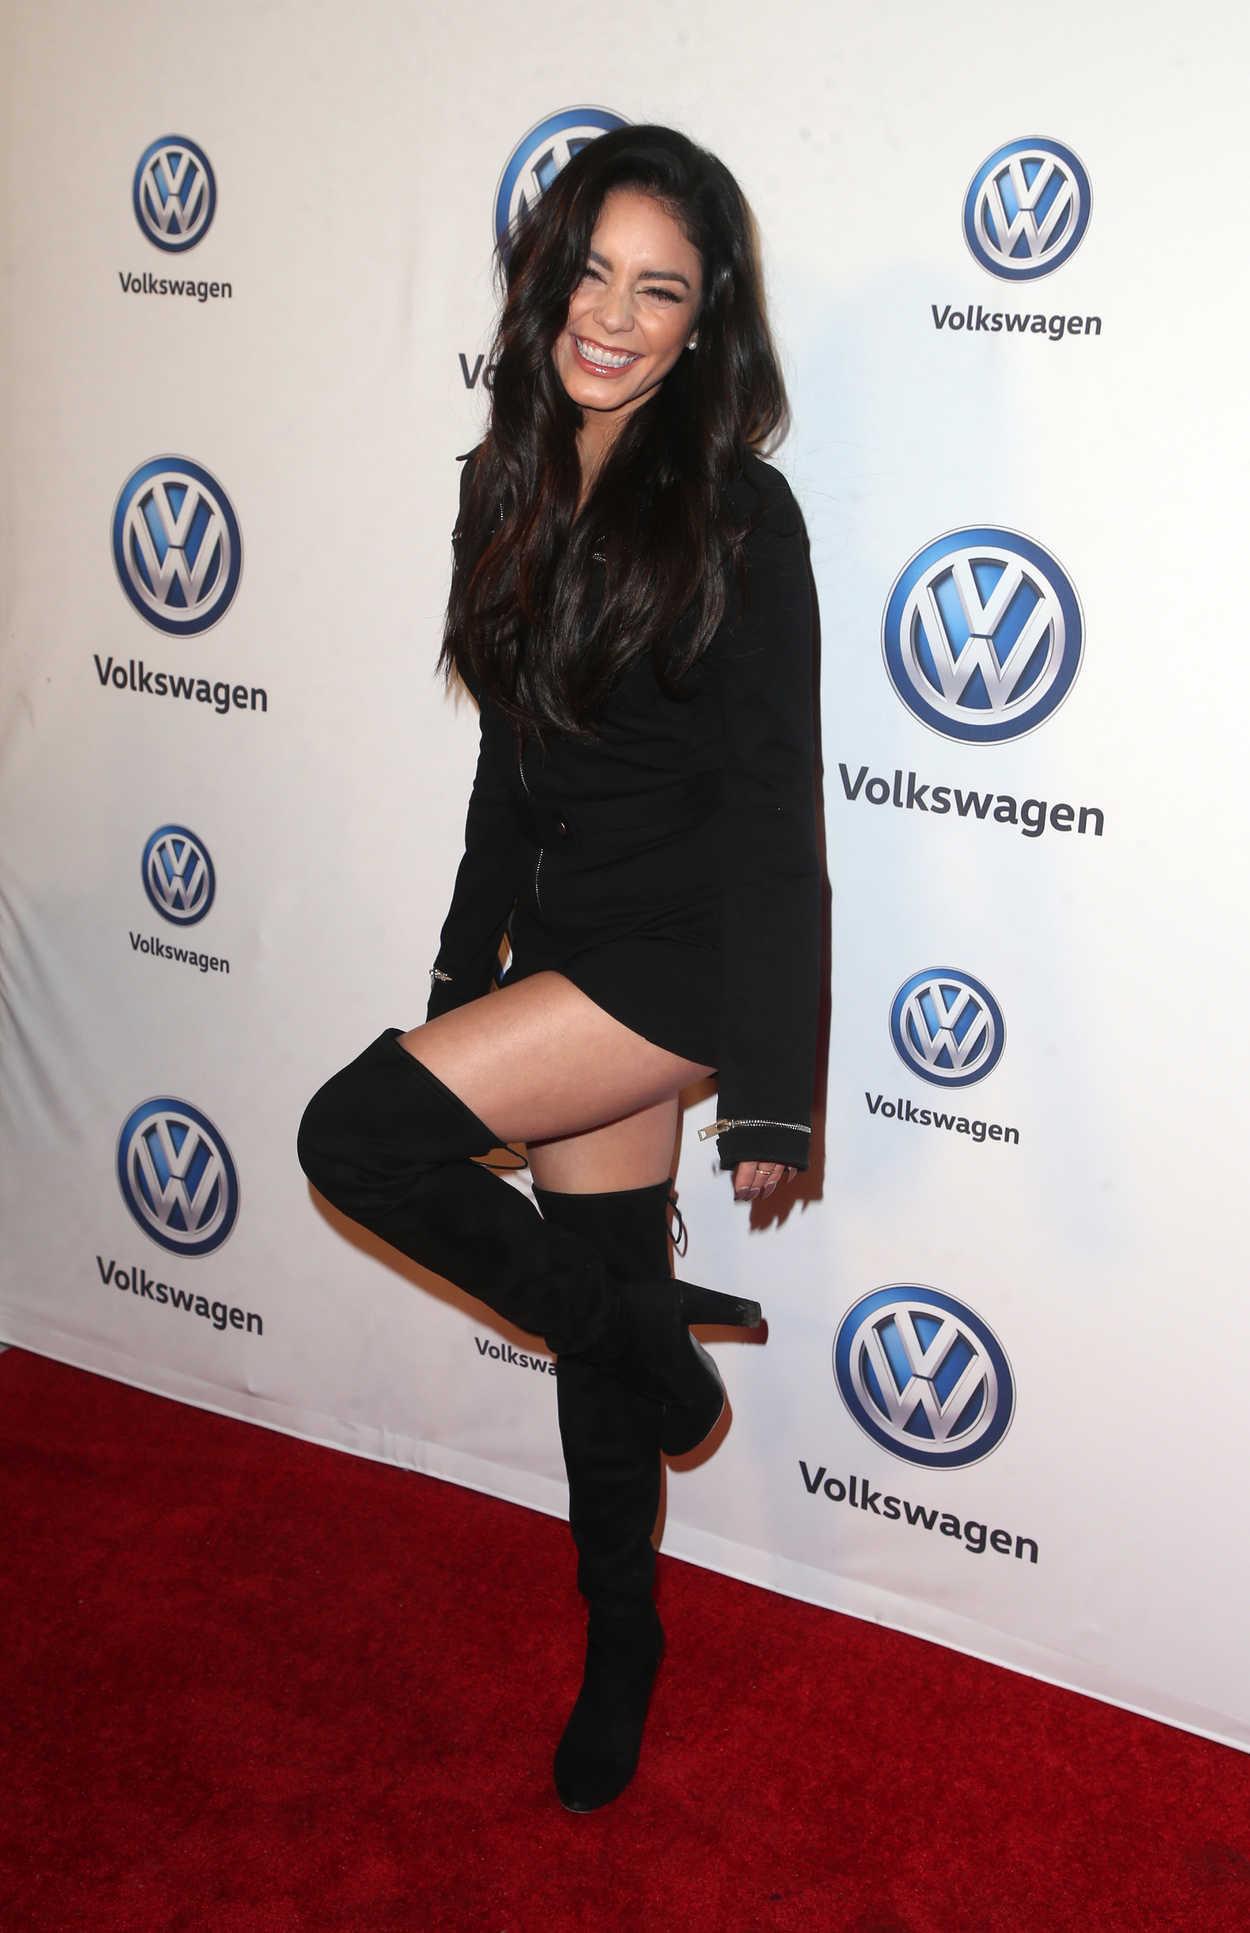 Vanessa Hudgens Attends Volkswagen U2019s Annual Holiday Drive